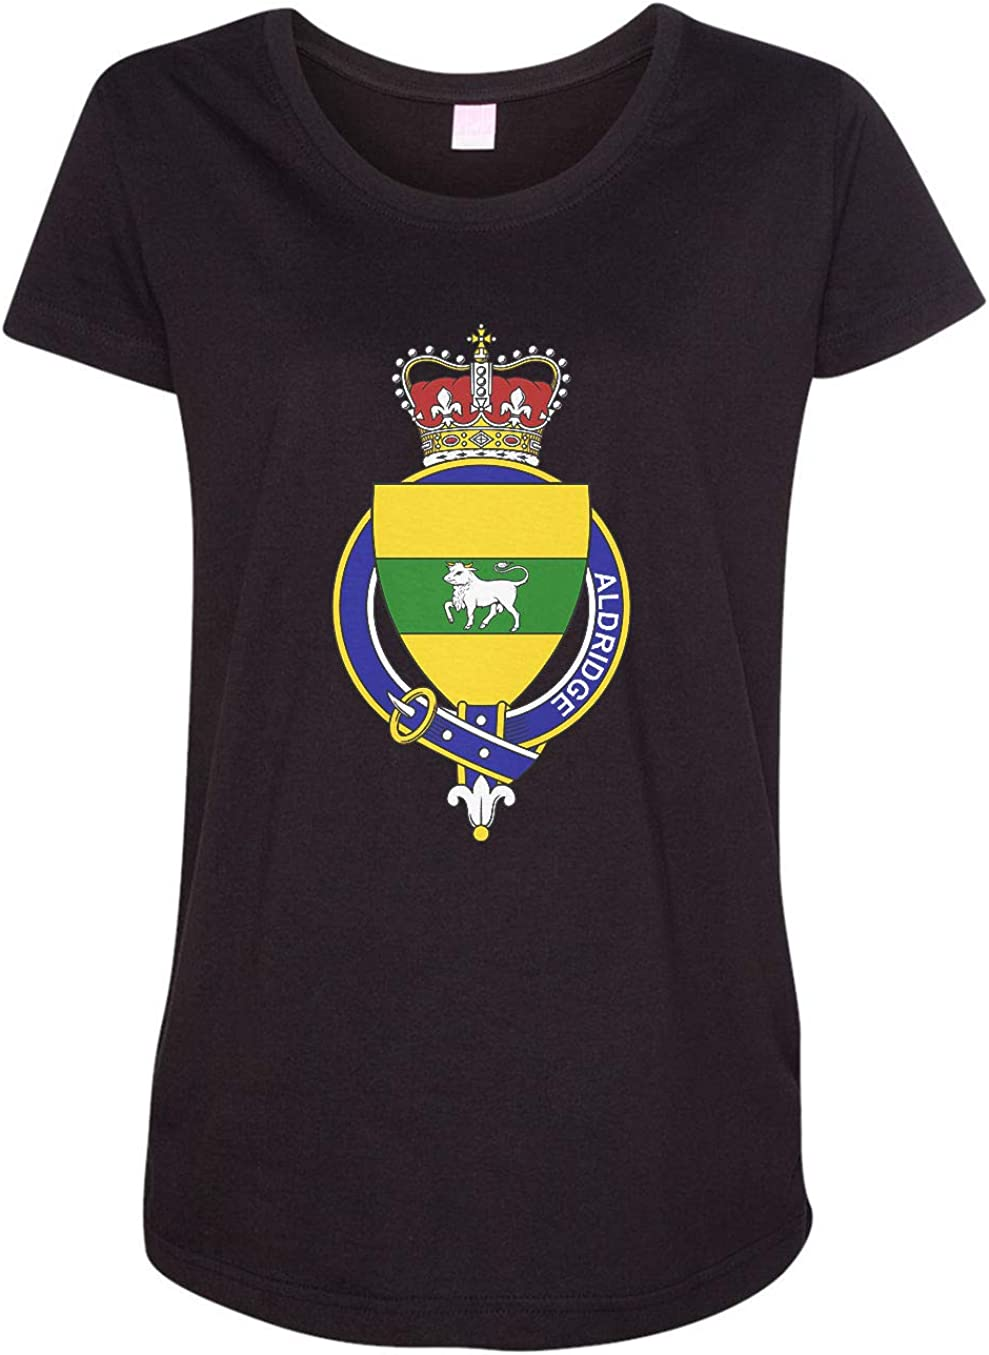 HARD EDGE DESIGN Women's English Garter Family Aldridge T-Shirt